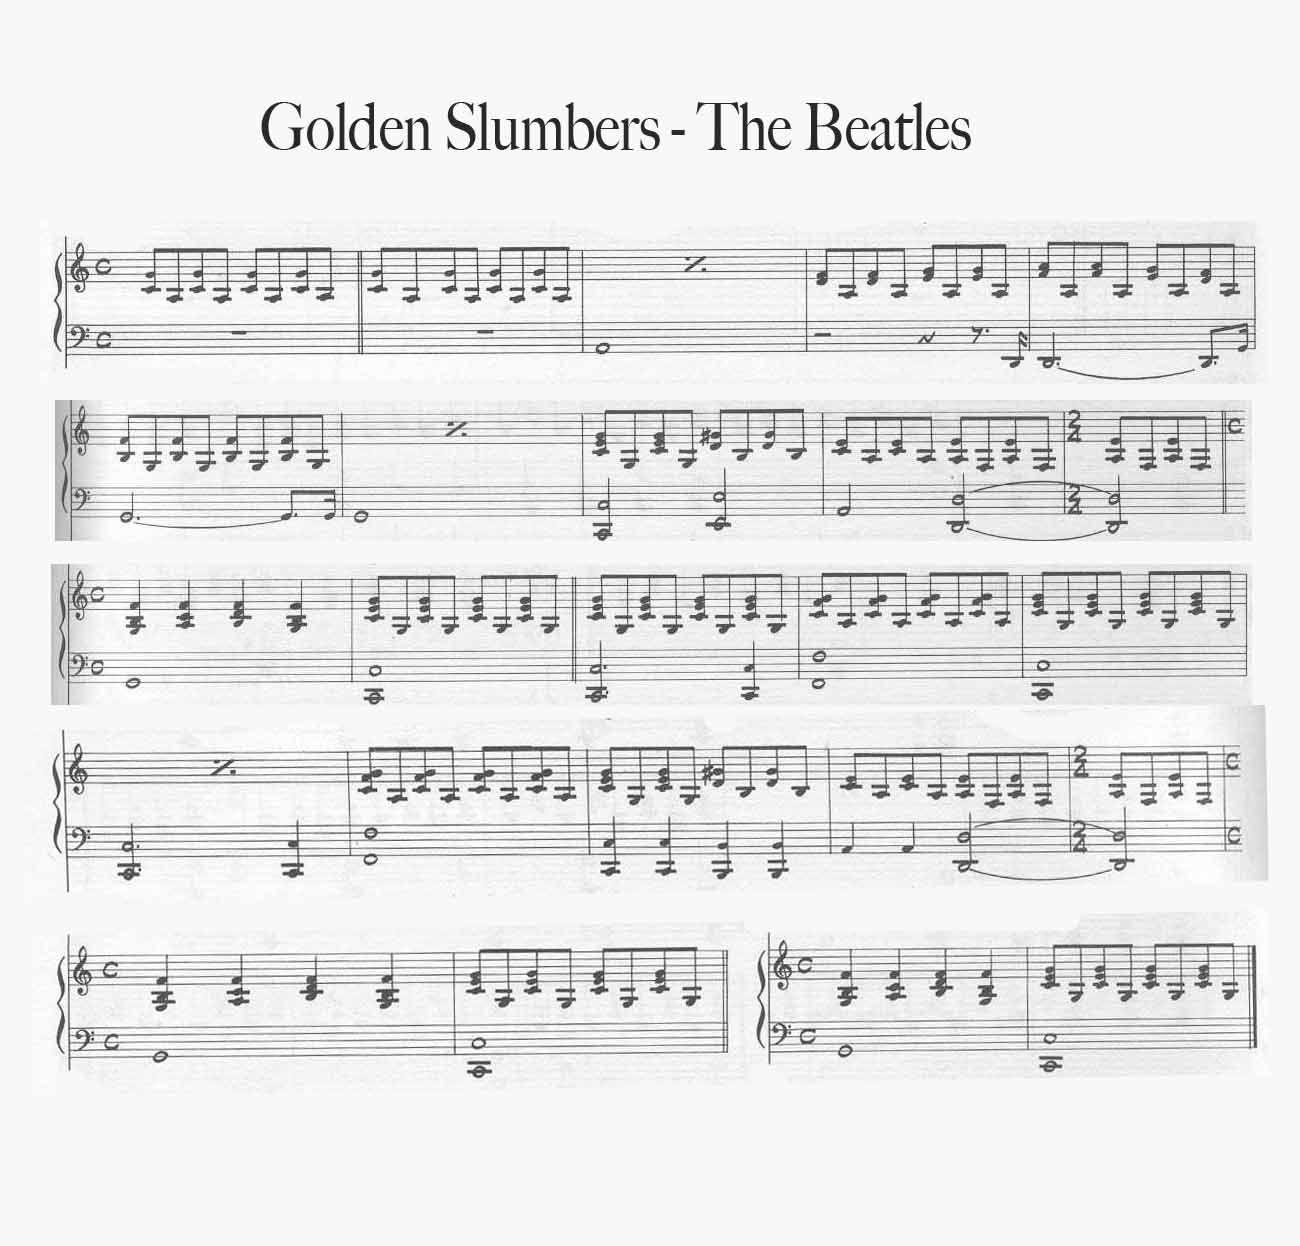 Golden Slumbers By The Beatles